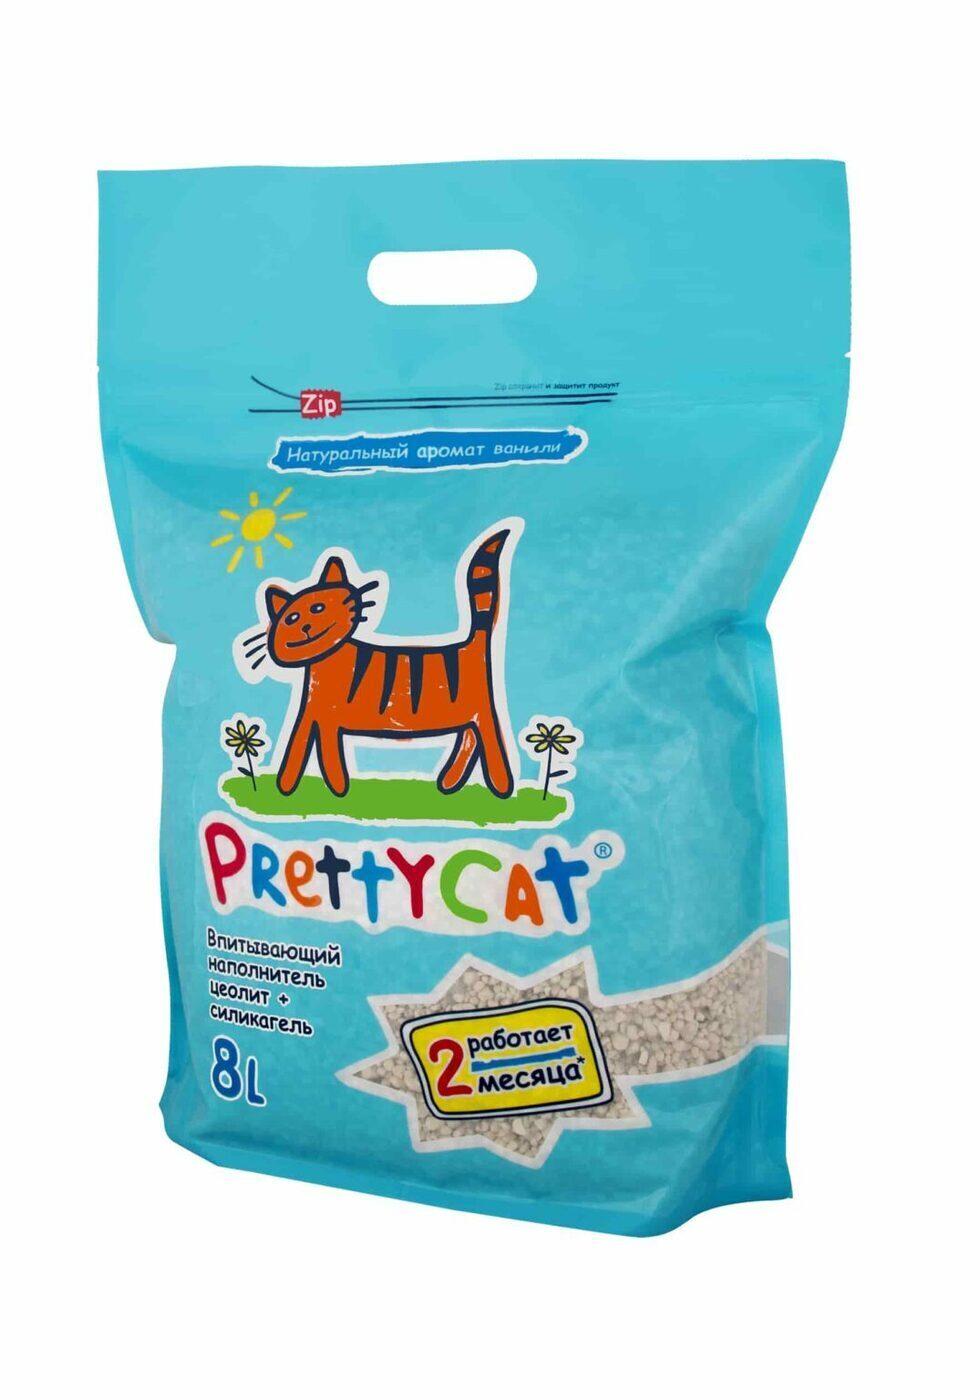 PrettyCat Aroma Fruit силикагелевый впитывающий наполнитель, цеолит + силикагель 4 кг